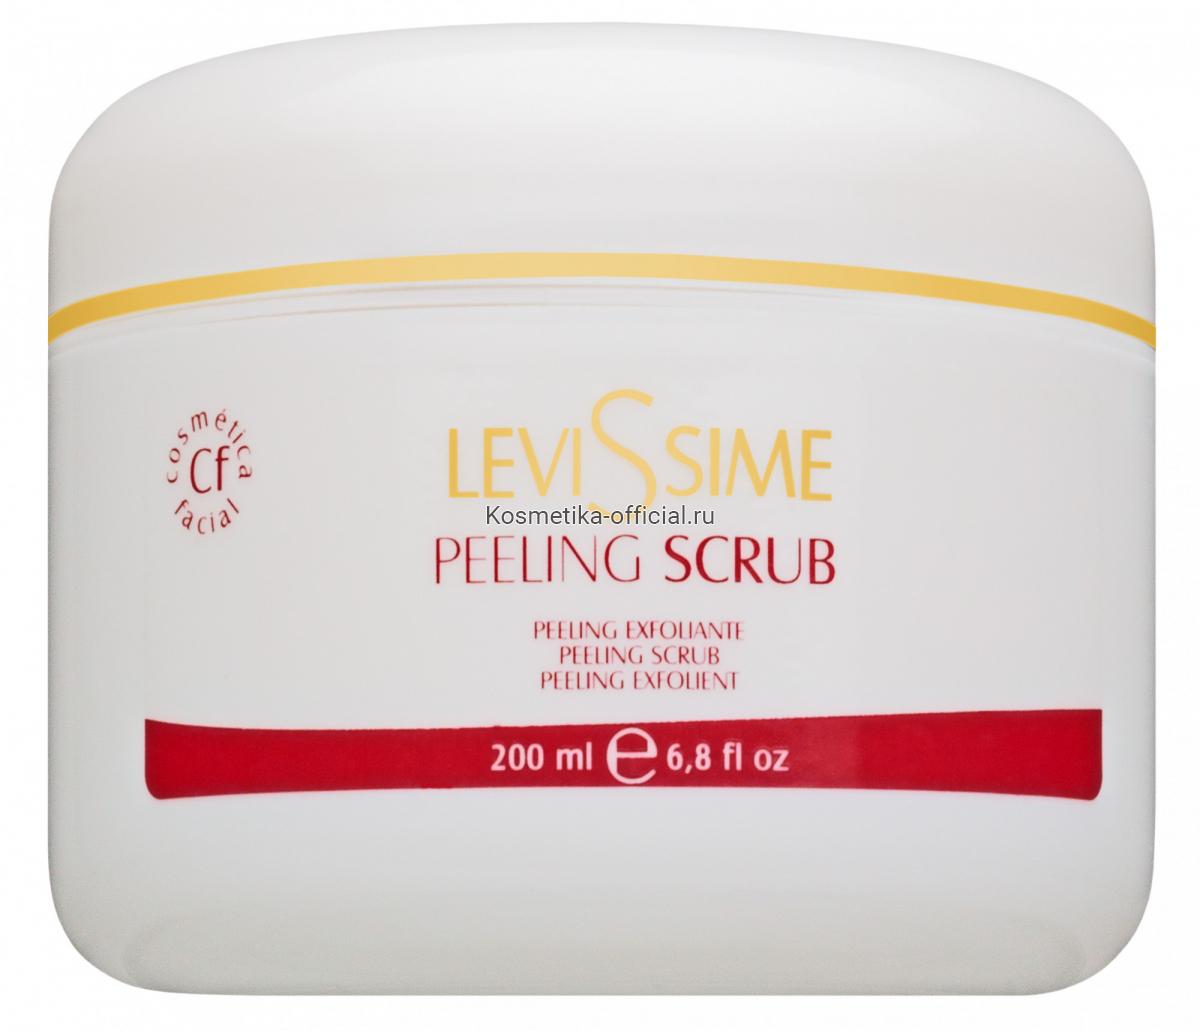 Пилинг-скраб с гранулами жожоба для лица и тела / Peeling Scrub 200 мл